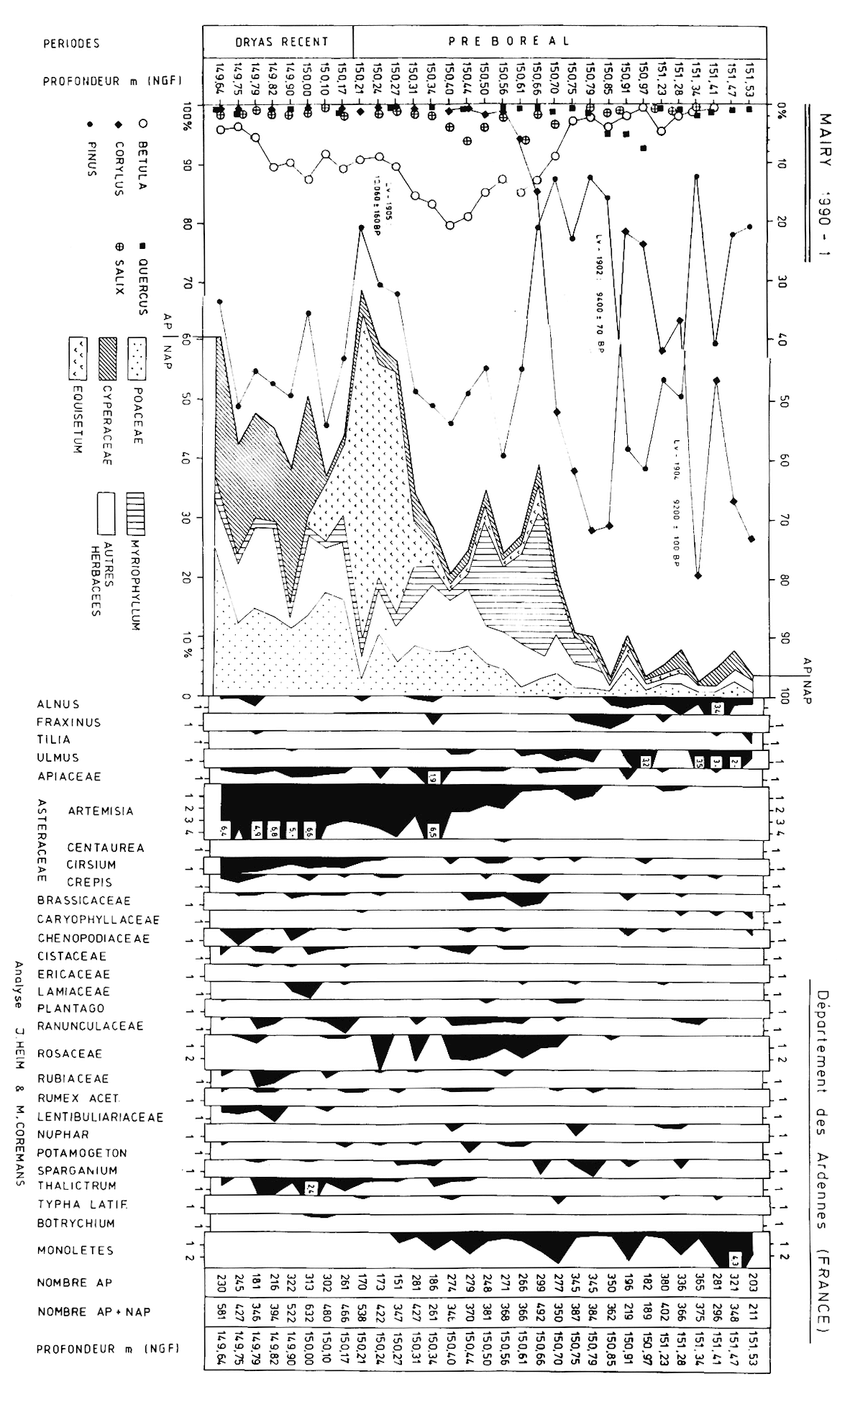 medium resolution of diagramme pollinique de l unit s dimentaire 1 du chenal my 90 cf fig